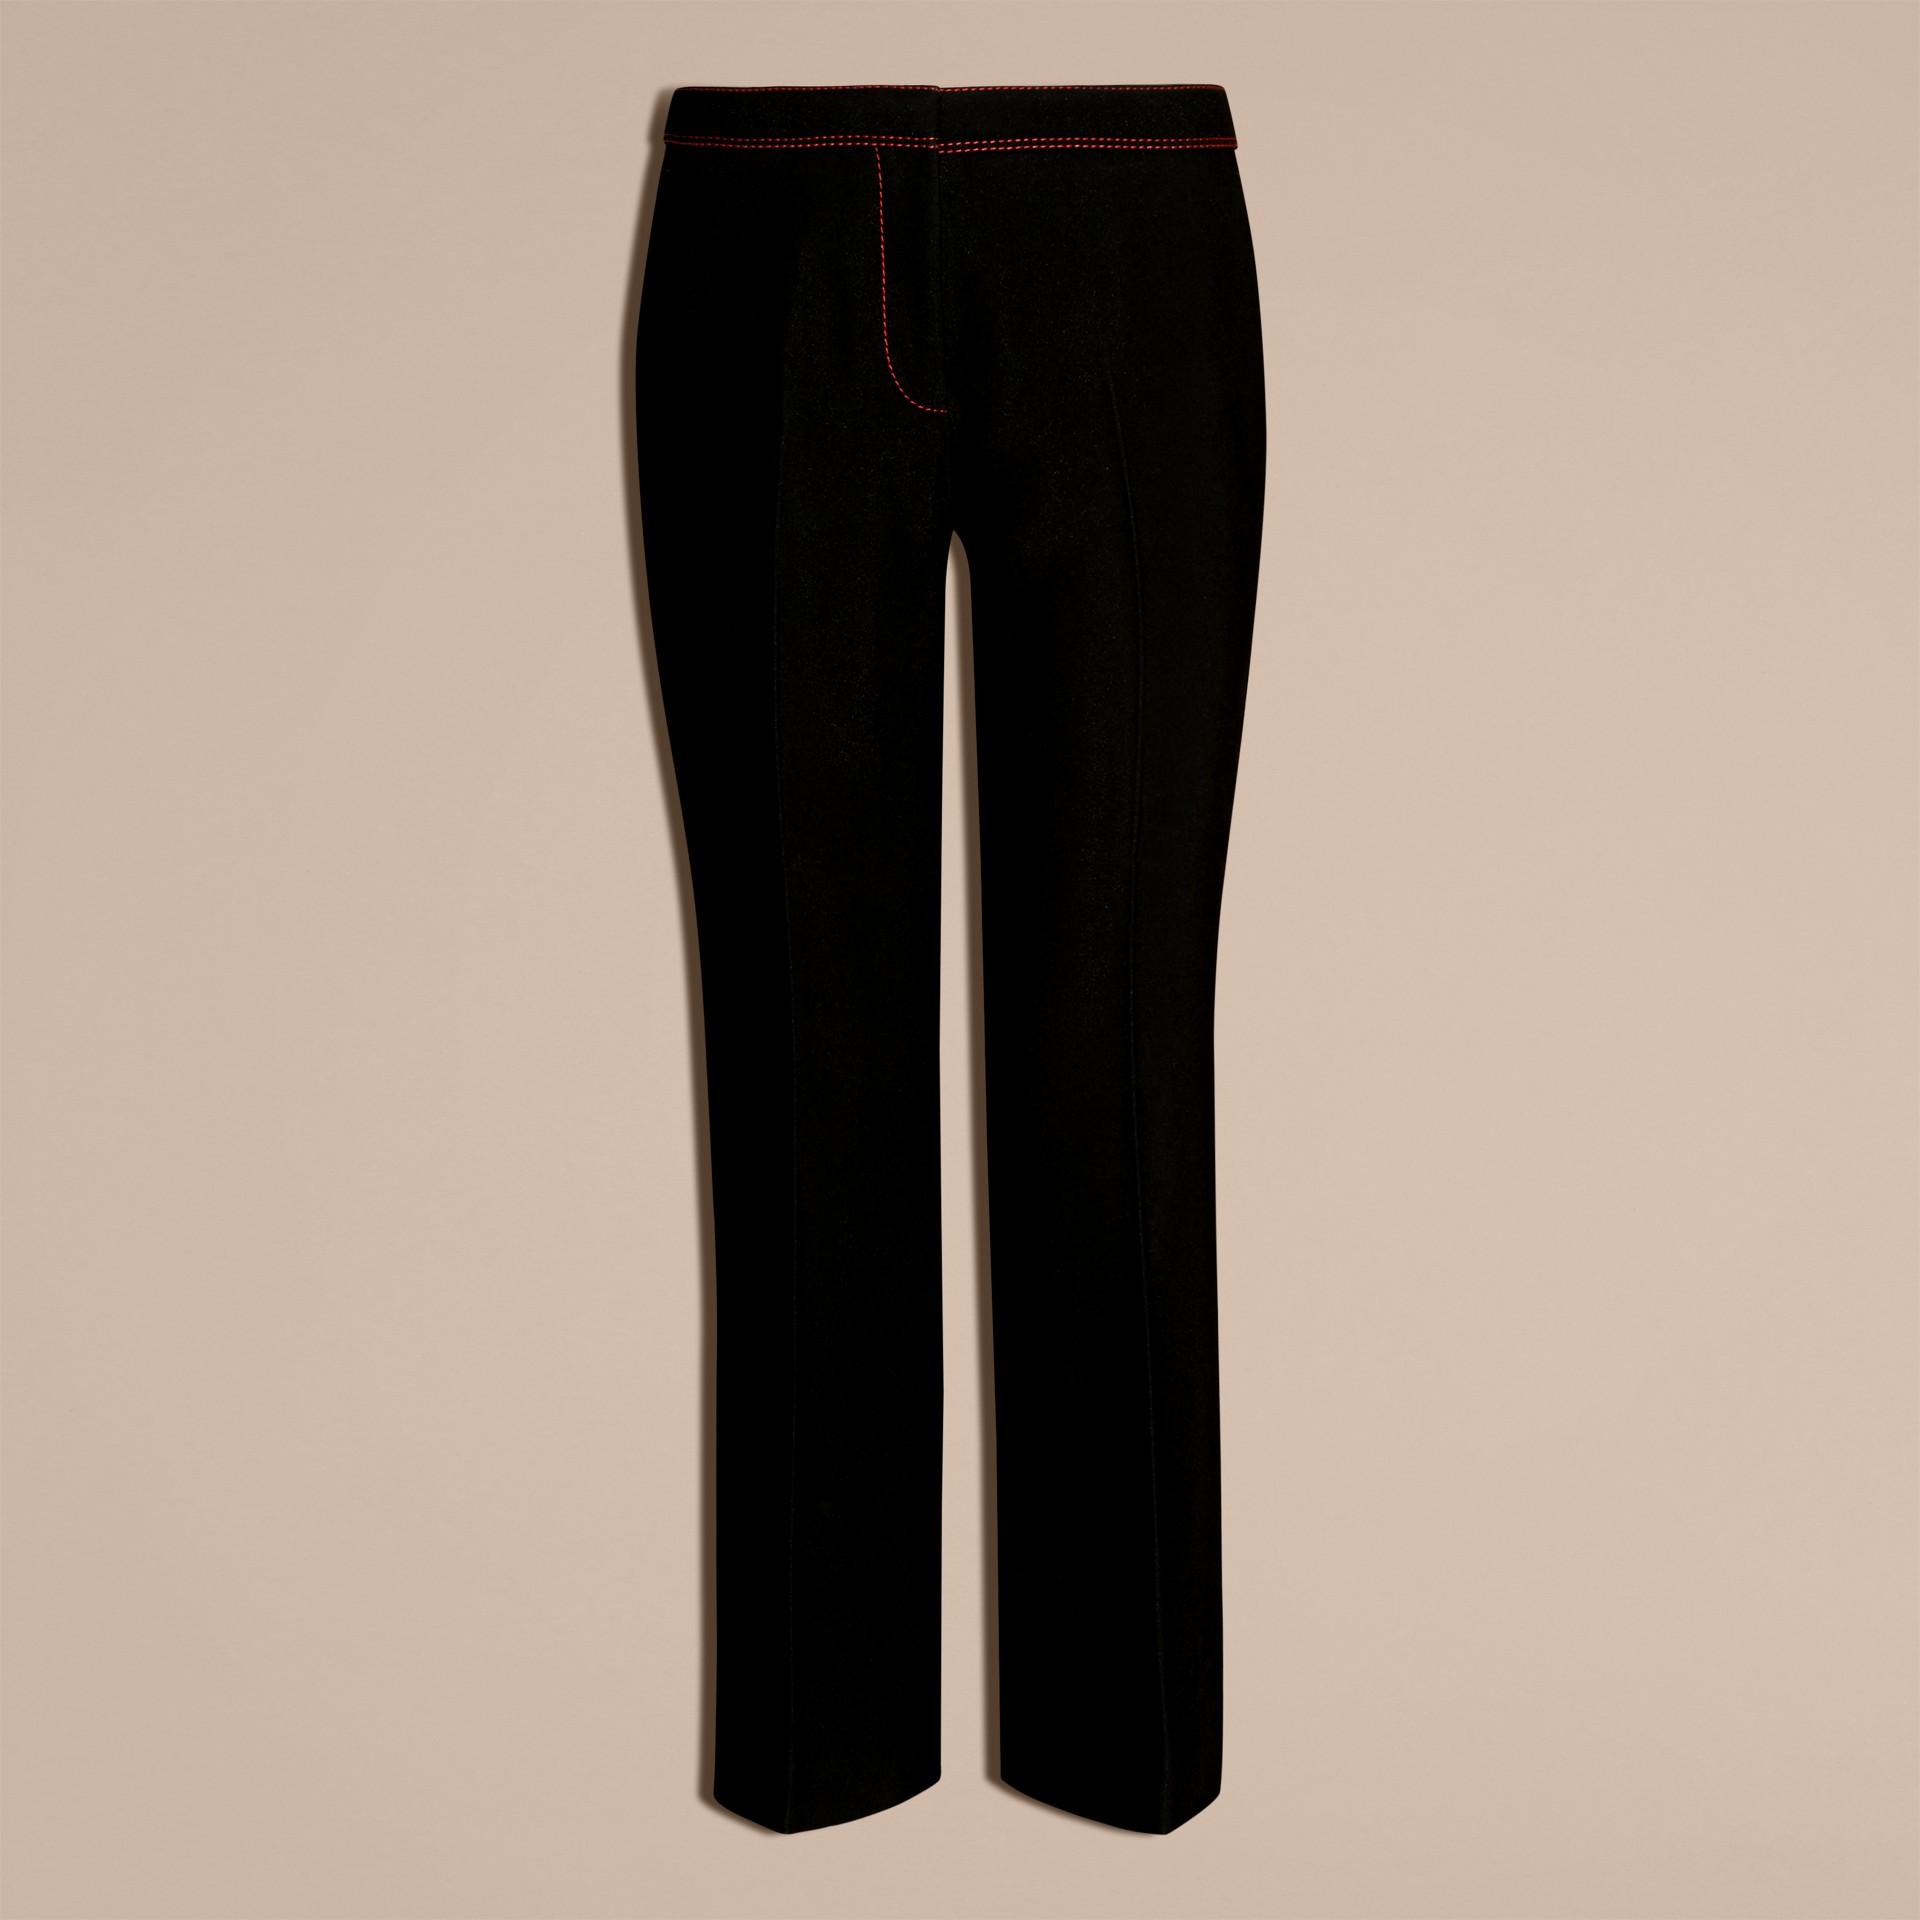 Schwarz Schmal geschnittene Hose mit kürzerer Beinlänge und Pythonmuster - Galerie-Bild 4